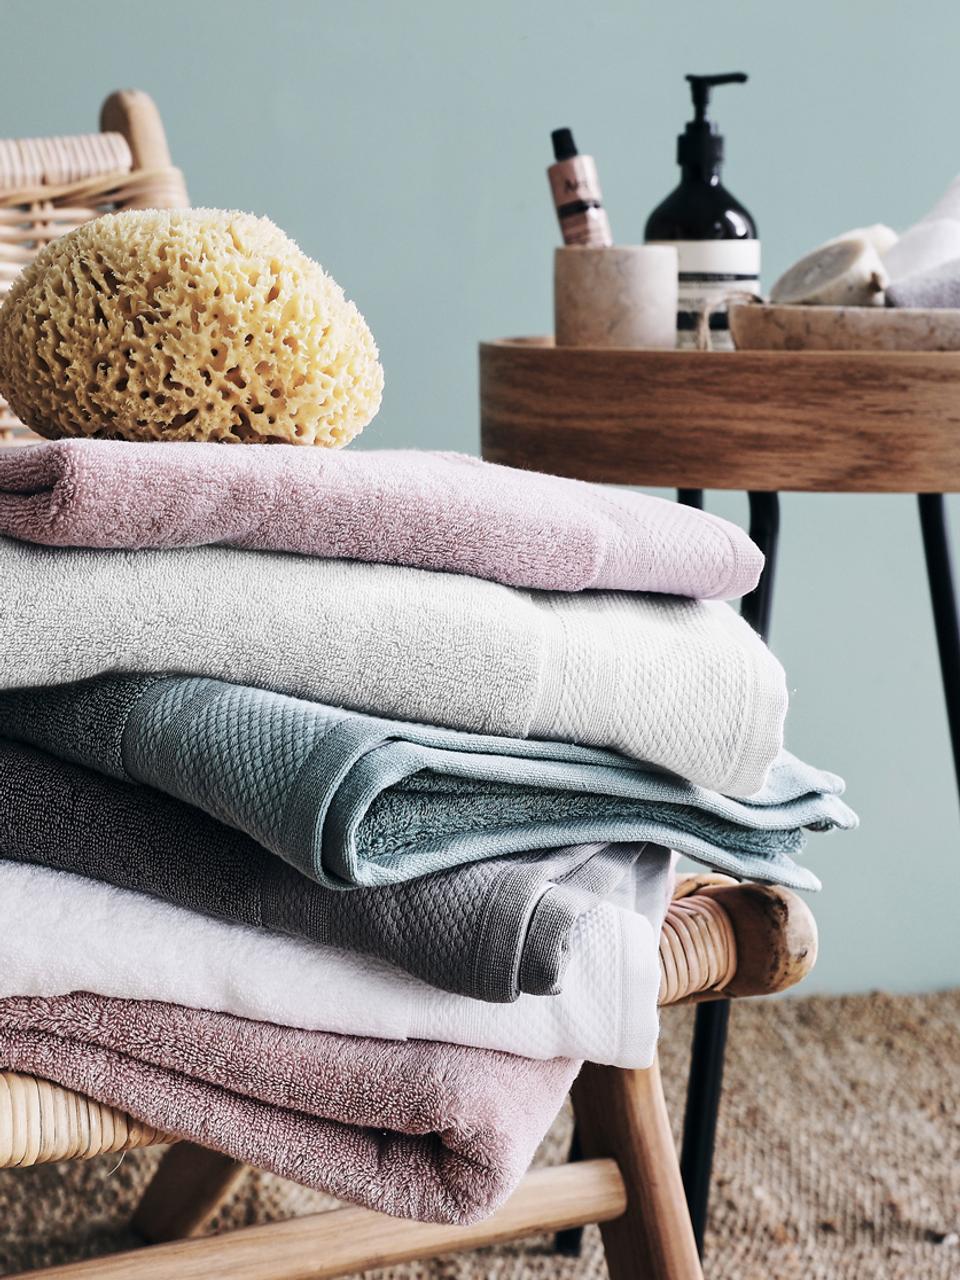 Asciugamano con bordo decorativo Premium, diverse misure, Grigio chiaro, Asciugamano per ospiti Larg. 30 x Lung. 30 cm